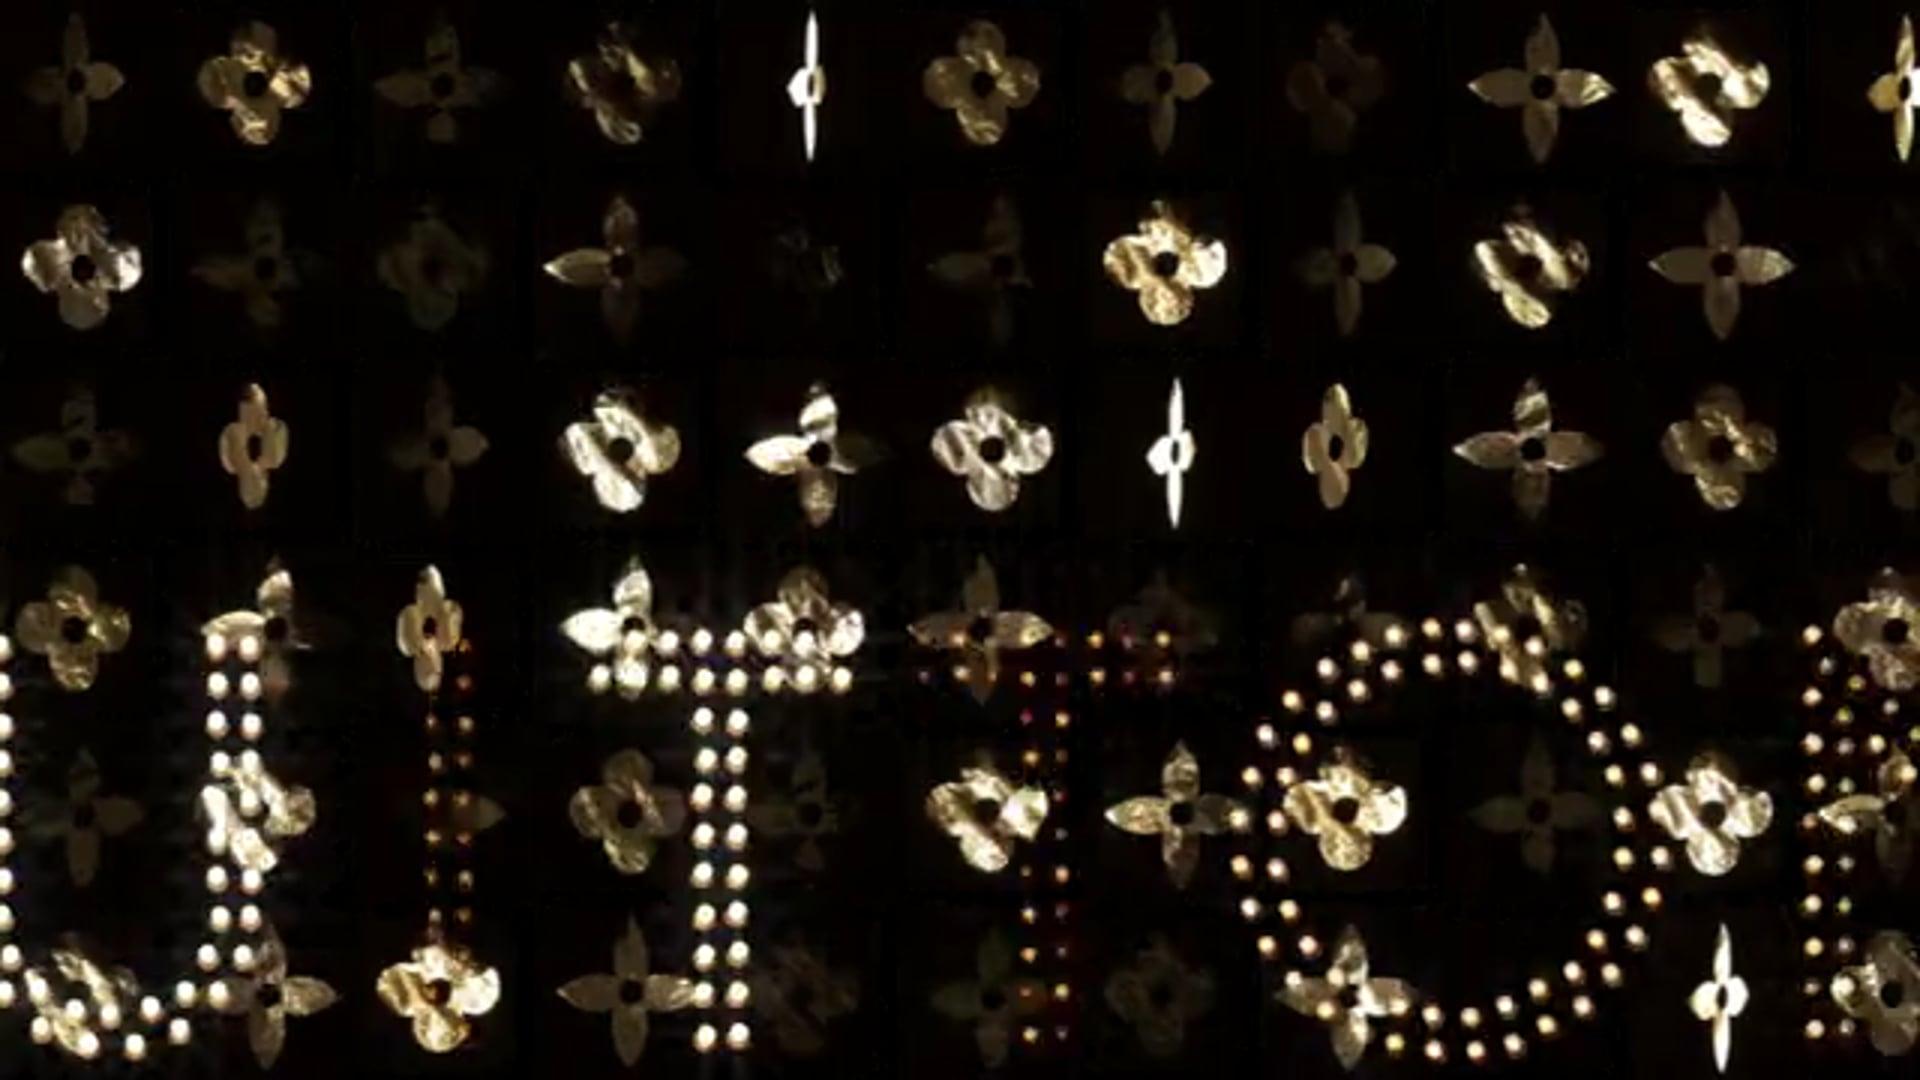 Louis Vuitton 5 Canton Road